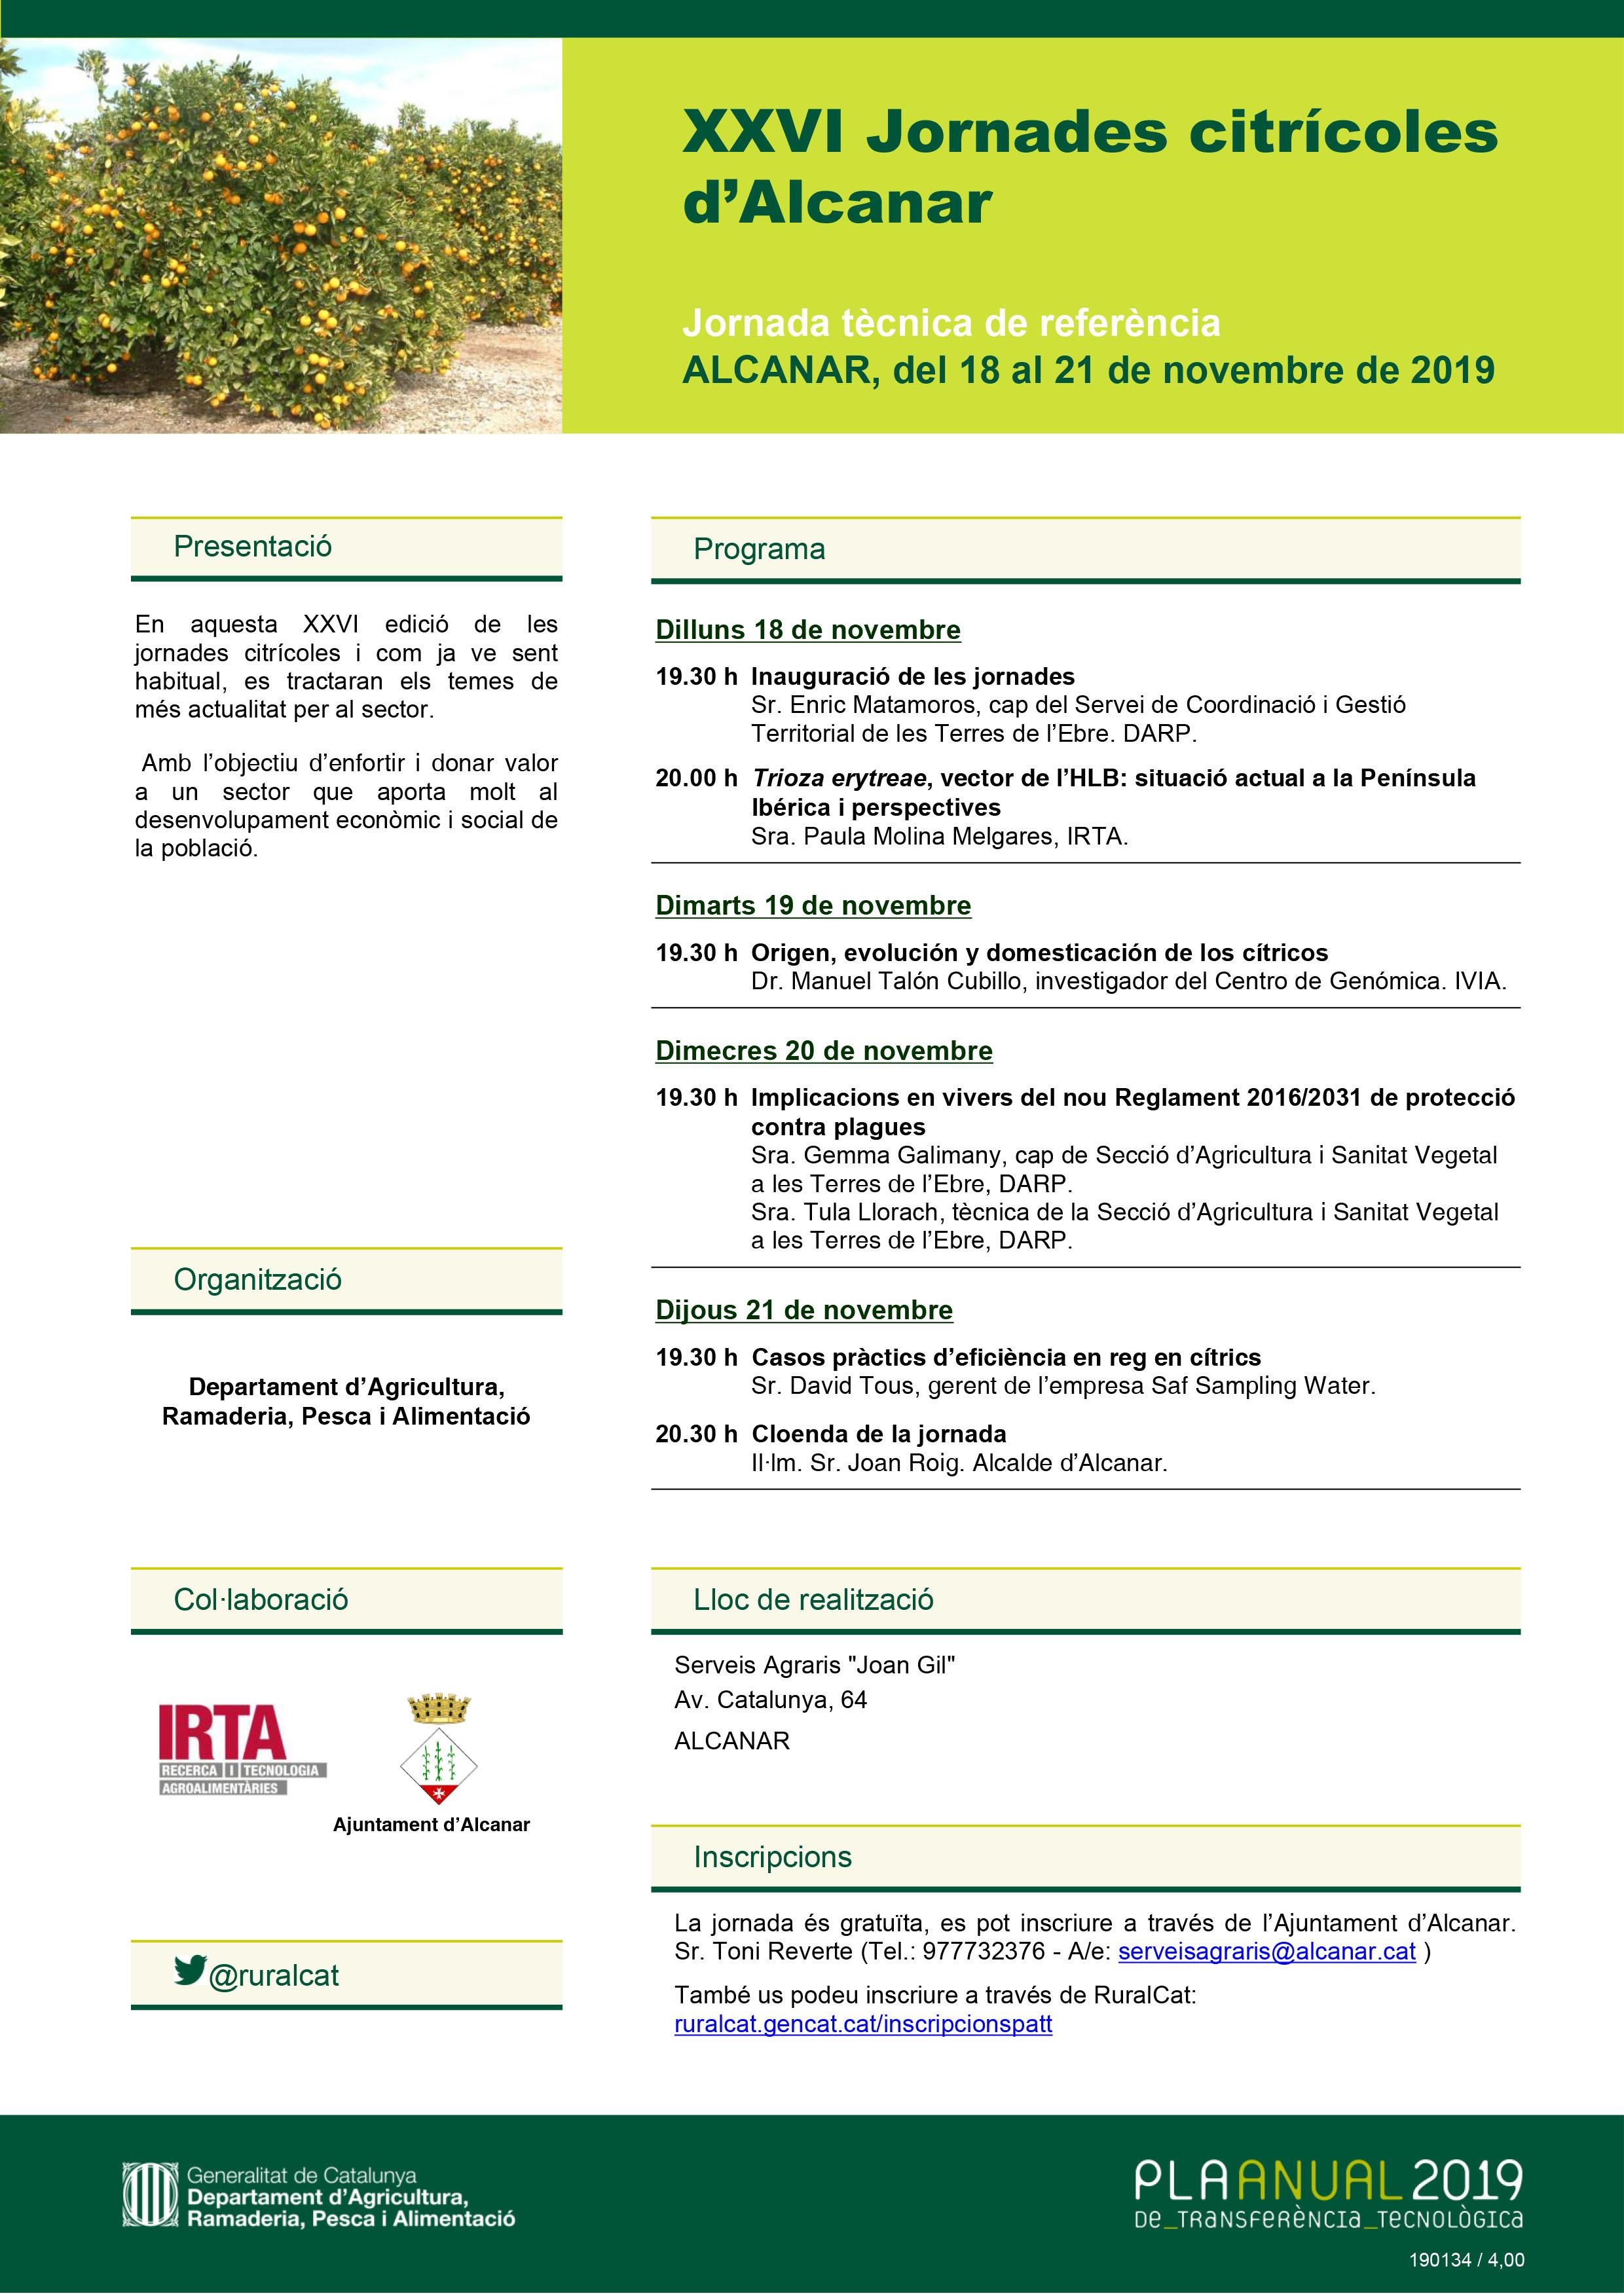 Alcanar; Celebració de les XXVI Jornades citrícoles d'Alcanar